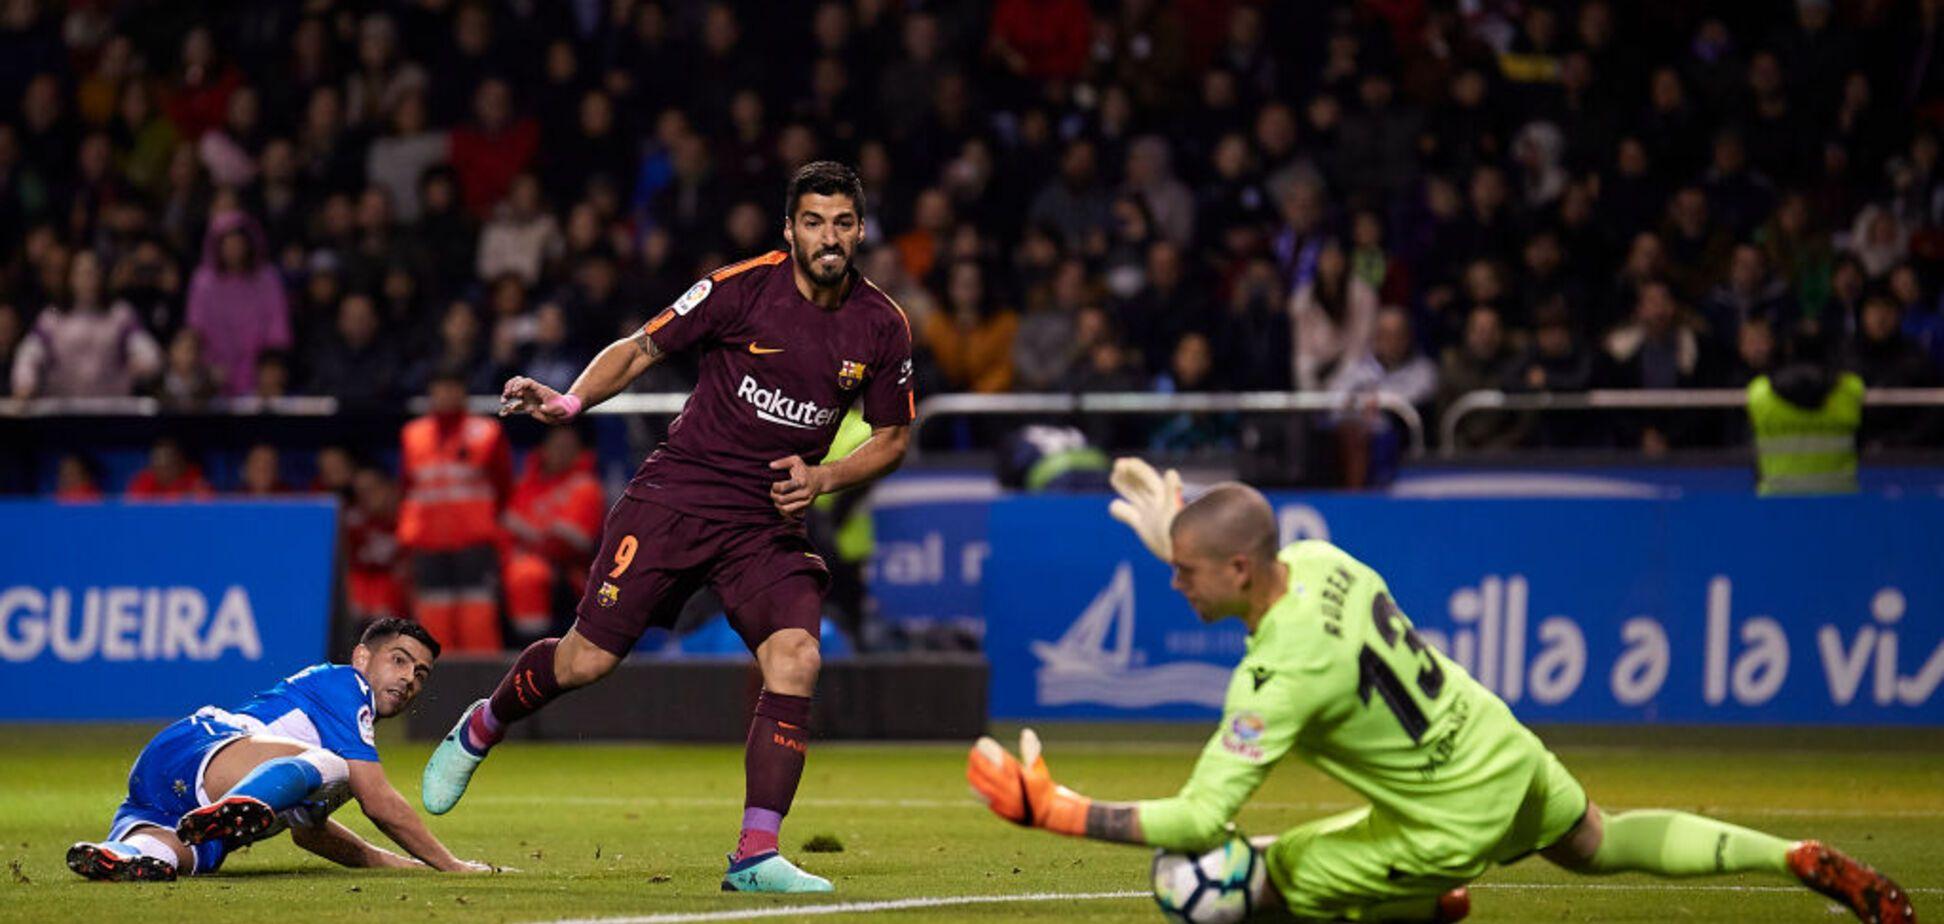 'Барселона' достроково виграла чемпіонат Іспанії